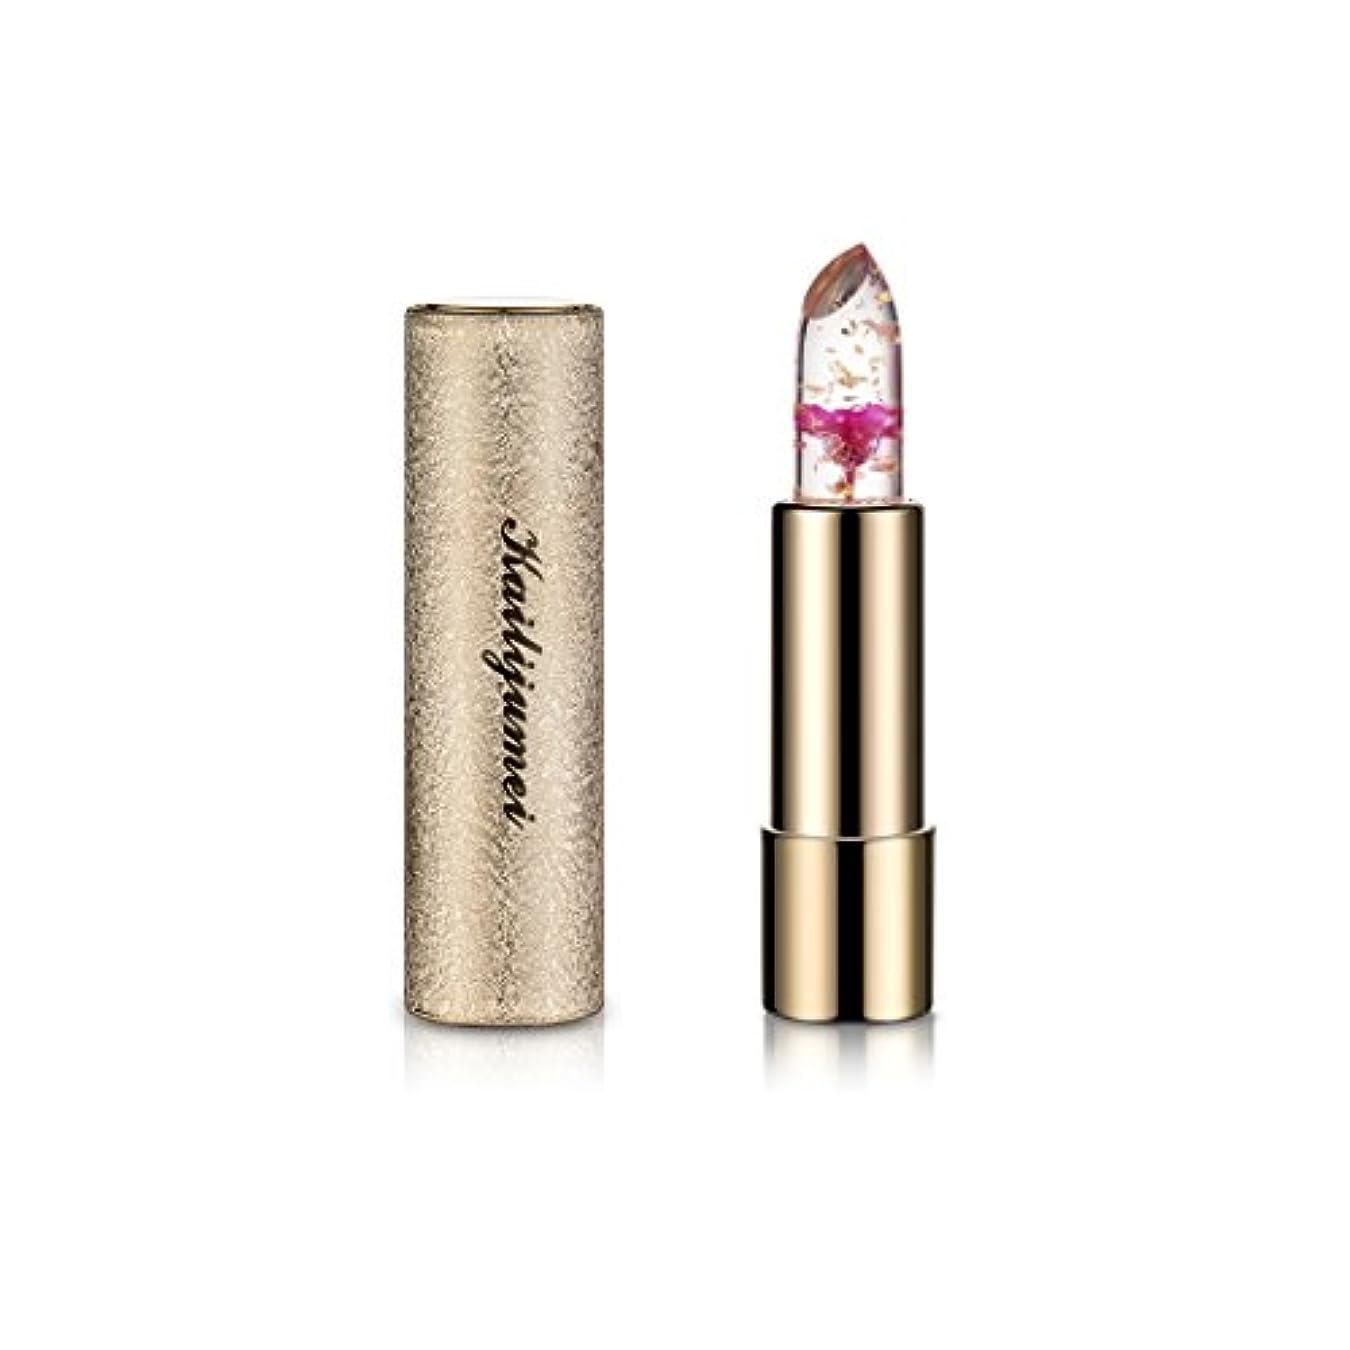 分布タンク集団的日本限定モデル 新作 kailijumei magic color lip 日本正規品 マジックカラー 唇の温度で色が変化するリップ 口紅 リップバーム カイリジュメイ ドライフラワー お花 (FLAME RED(レッド))